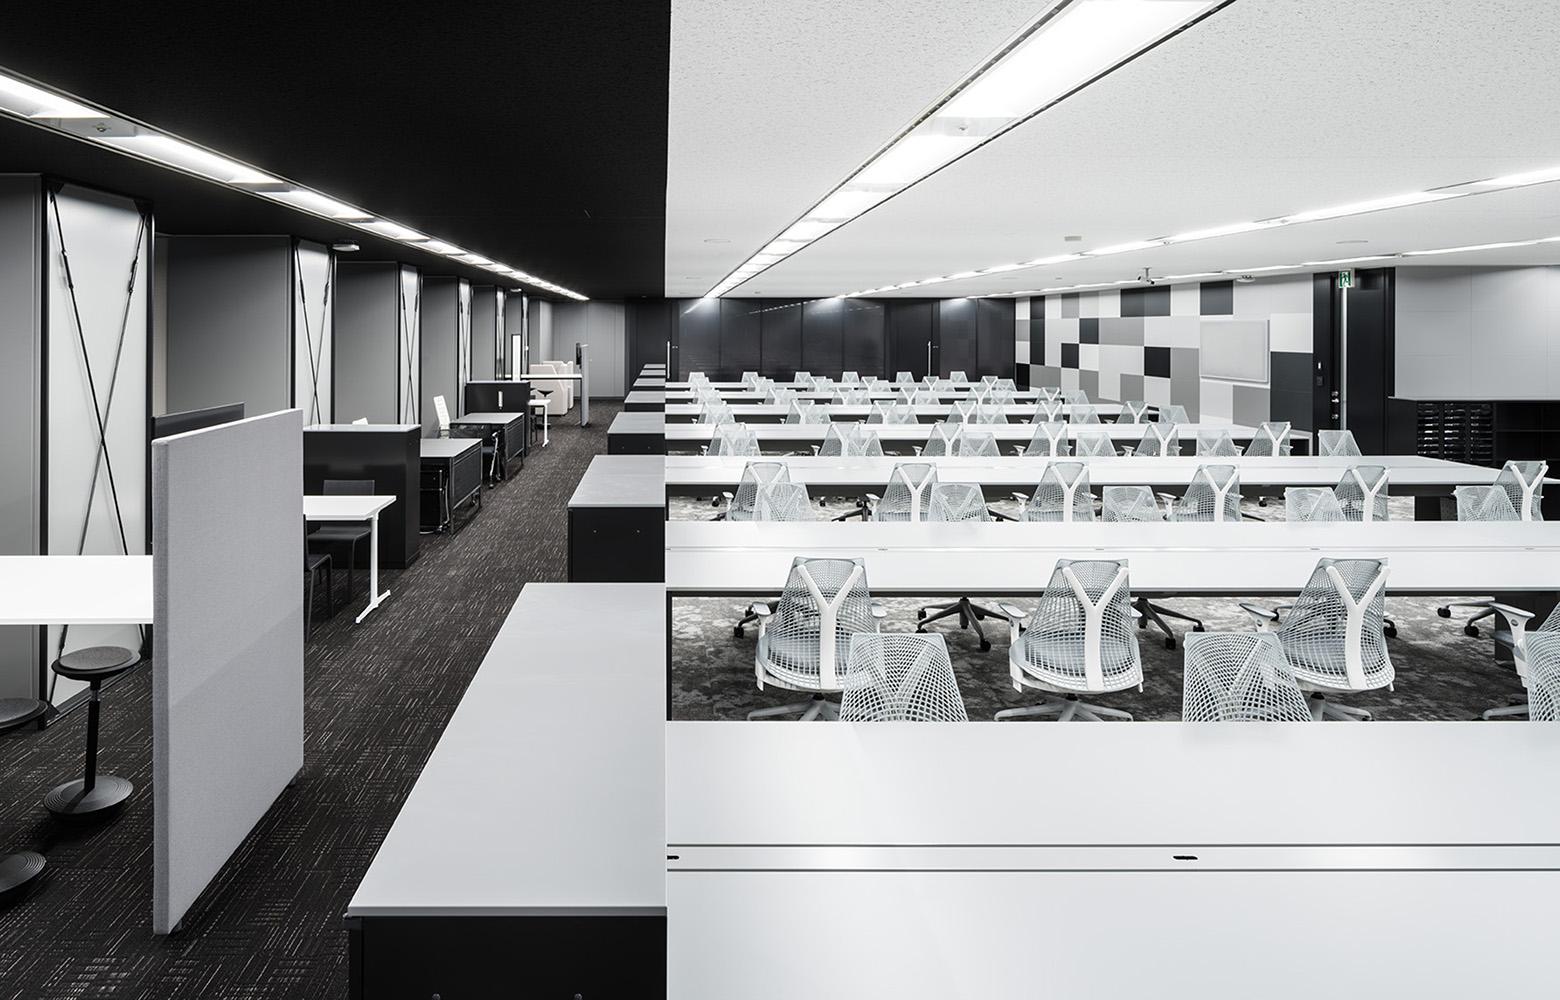 株式会社NTTデータMSE Shinagawa Office Work Space_3 デザイン・レイアウト事例